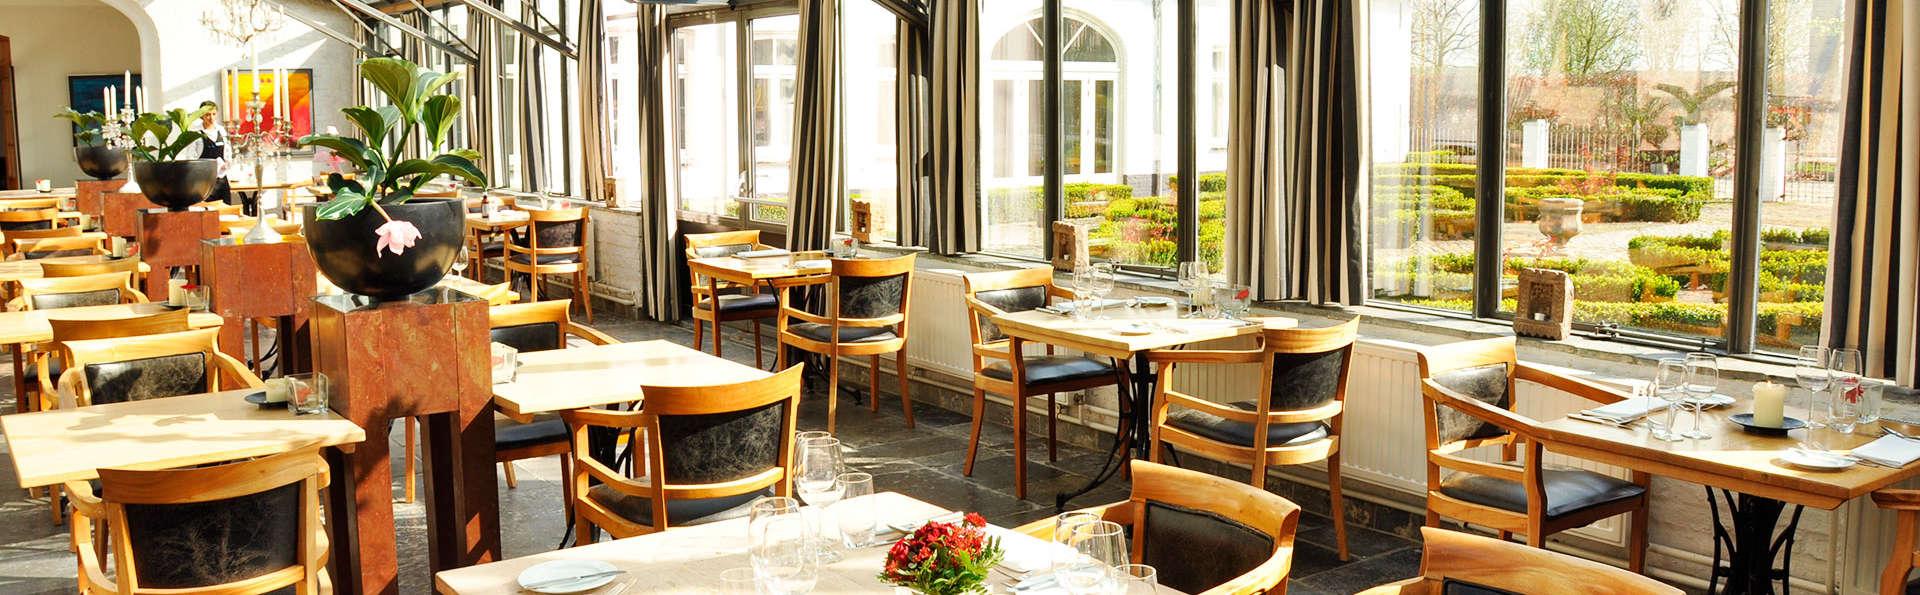 Vente Exclusive : week-end gourmand dans un château à Limbourg